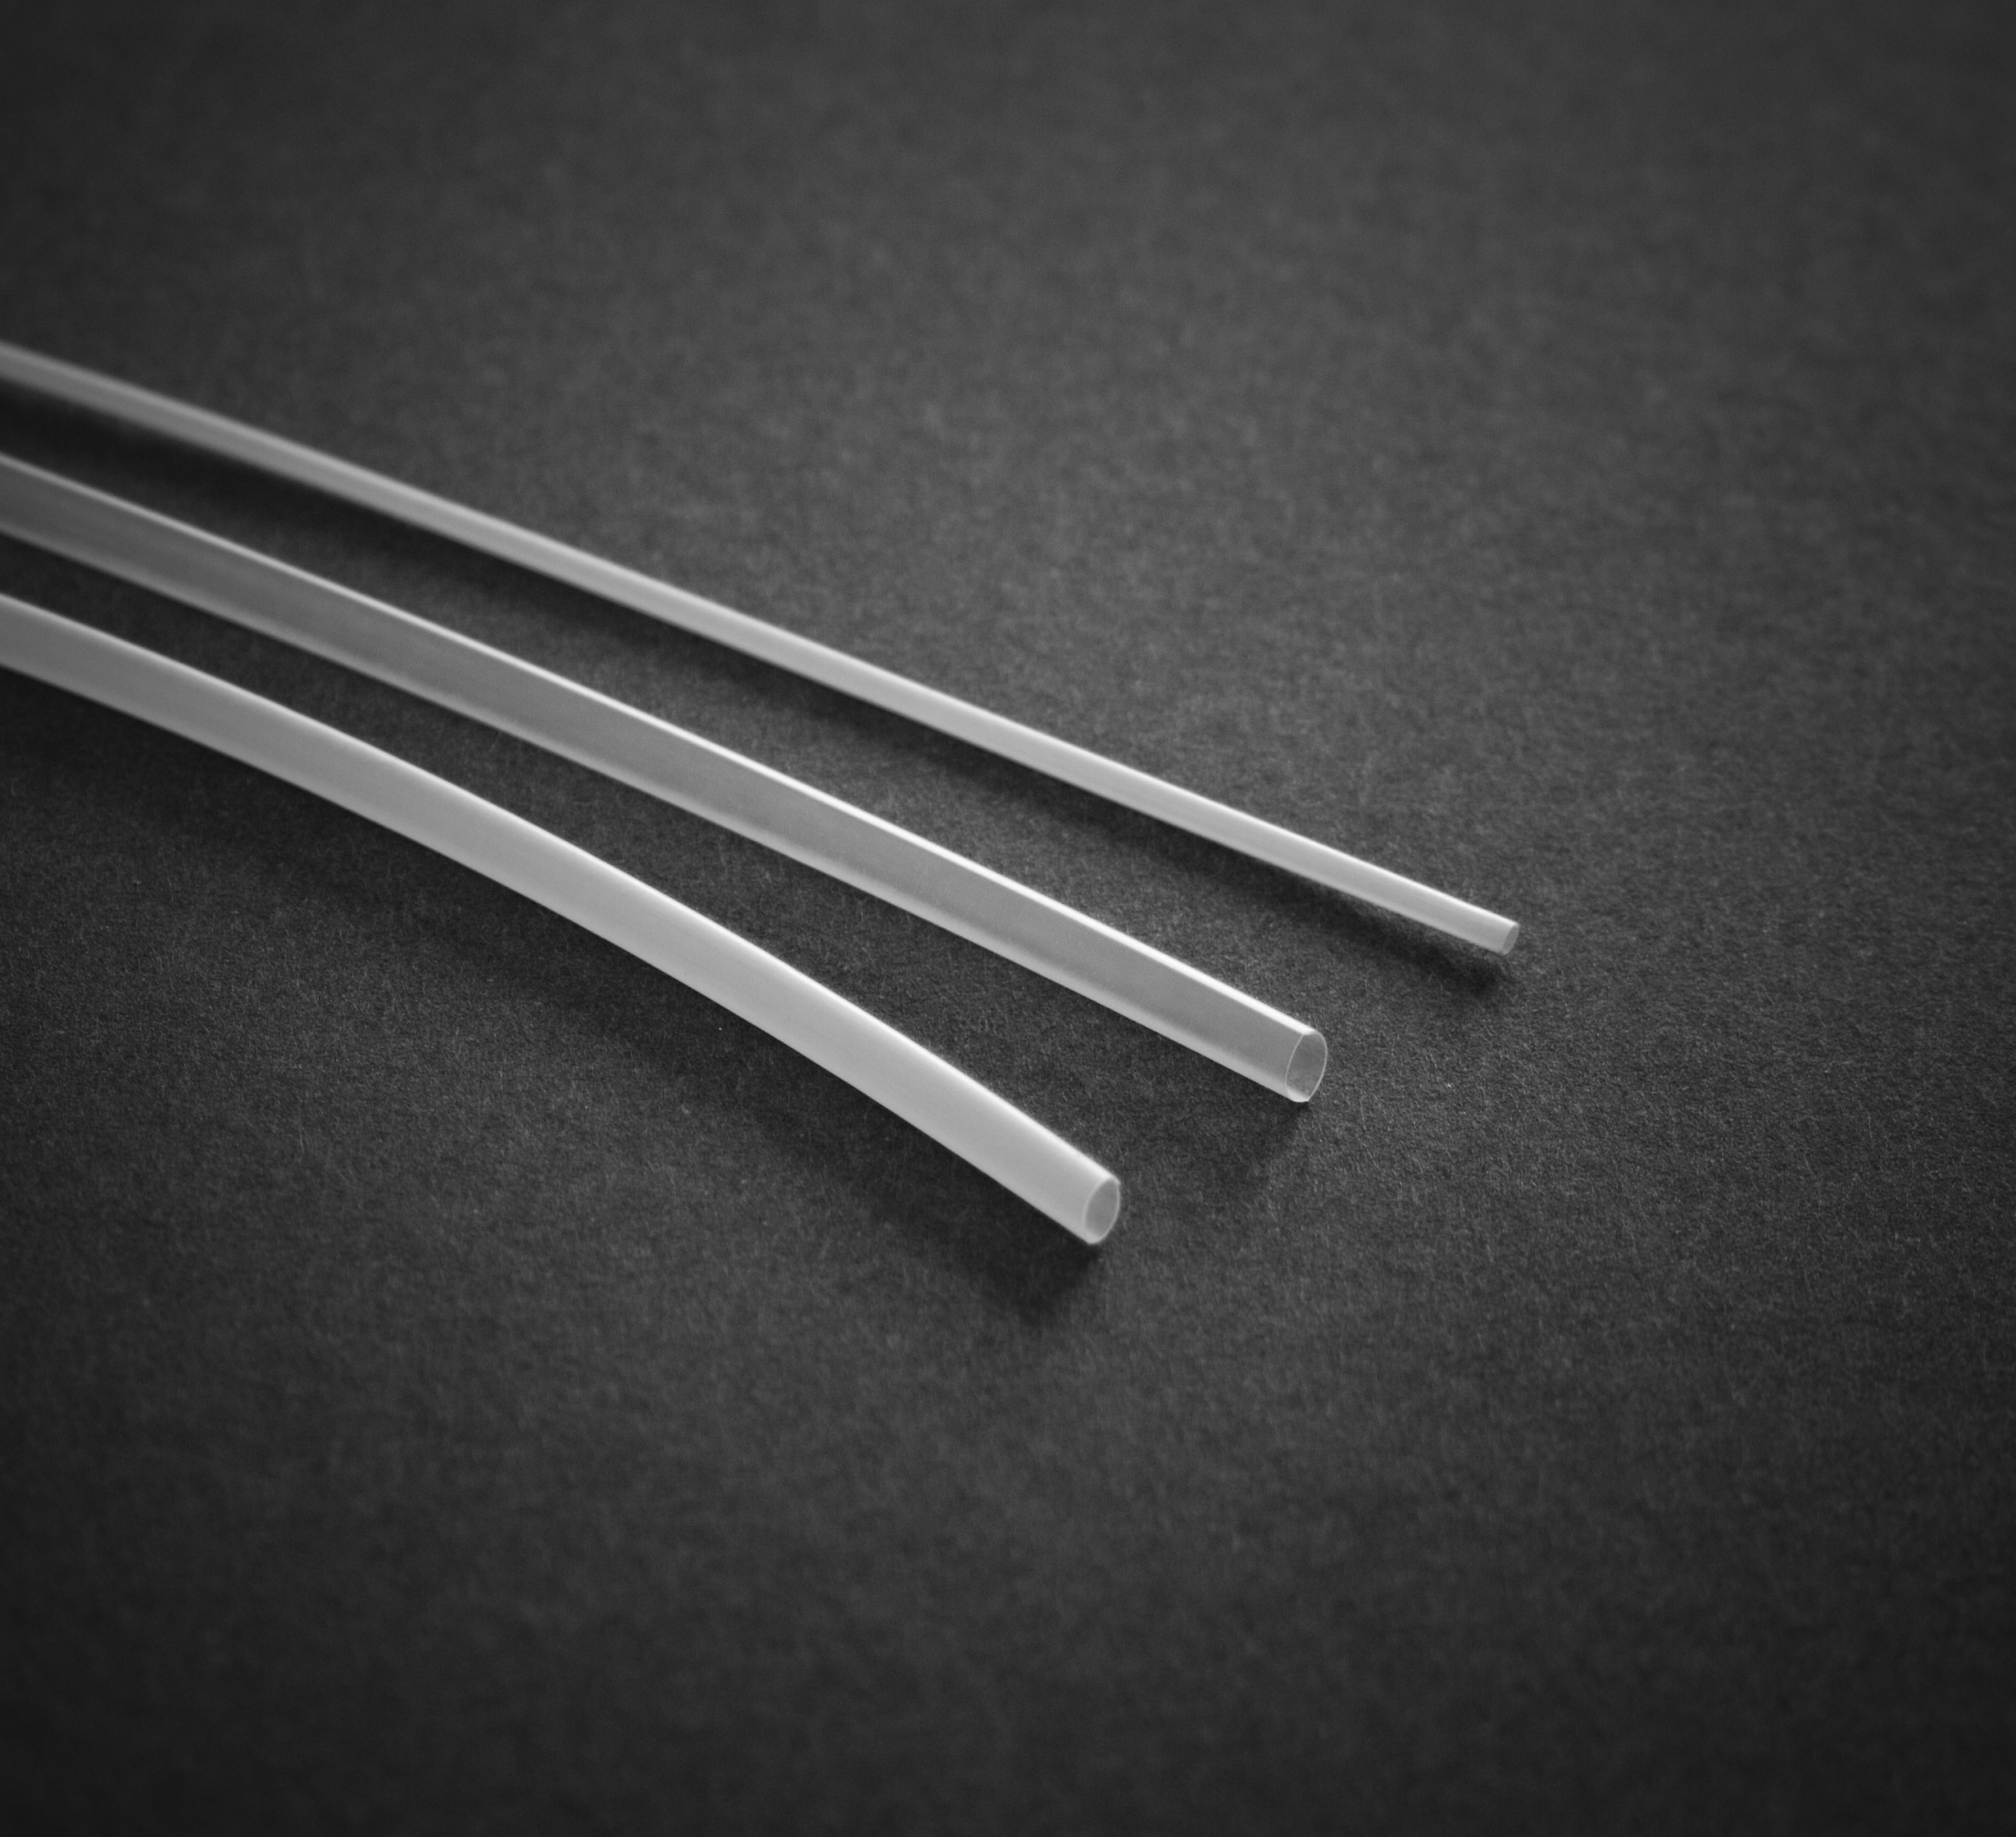 KYNAR Heat Shrink Tubing HKY size 19.0mm I.D / 9.5mm I.D